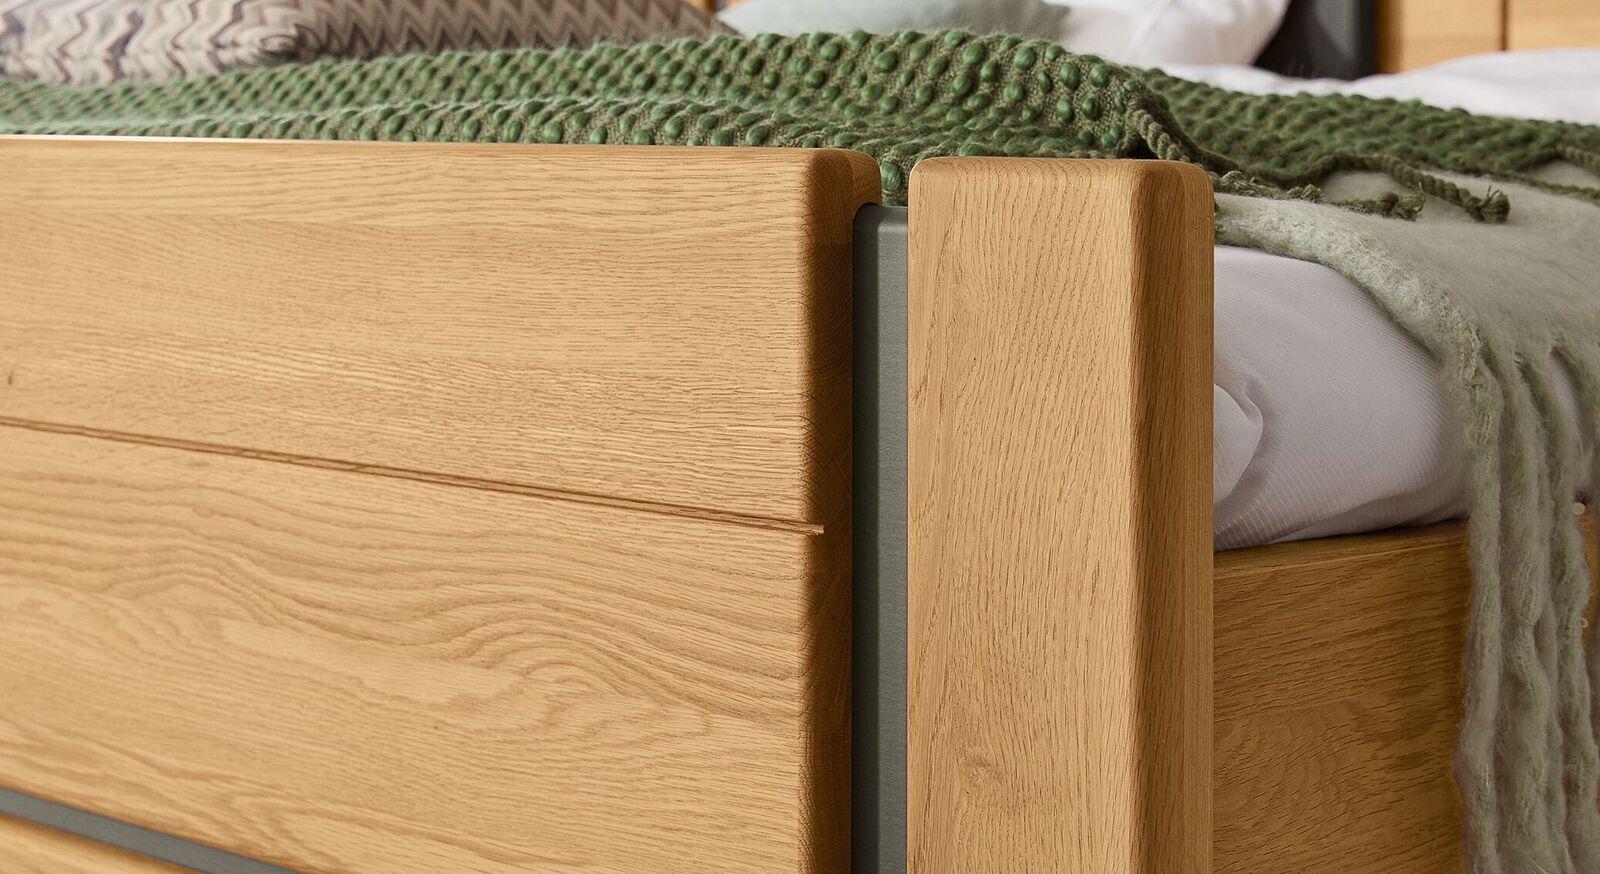 MUSTERRING Komfort-Einzelbett Sorrent mit eleganten Fräsungen